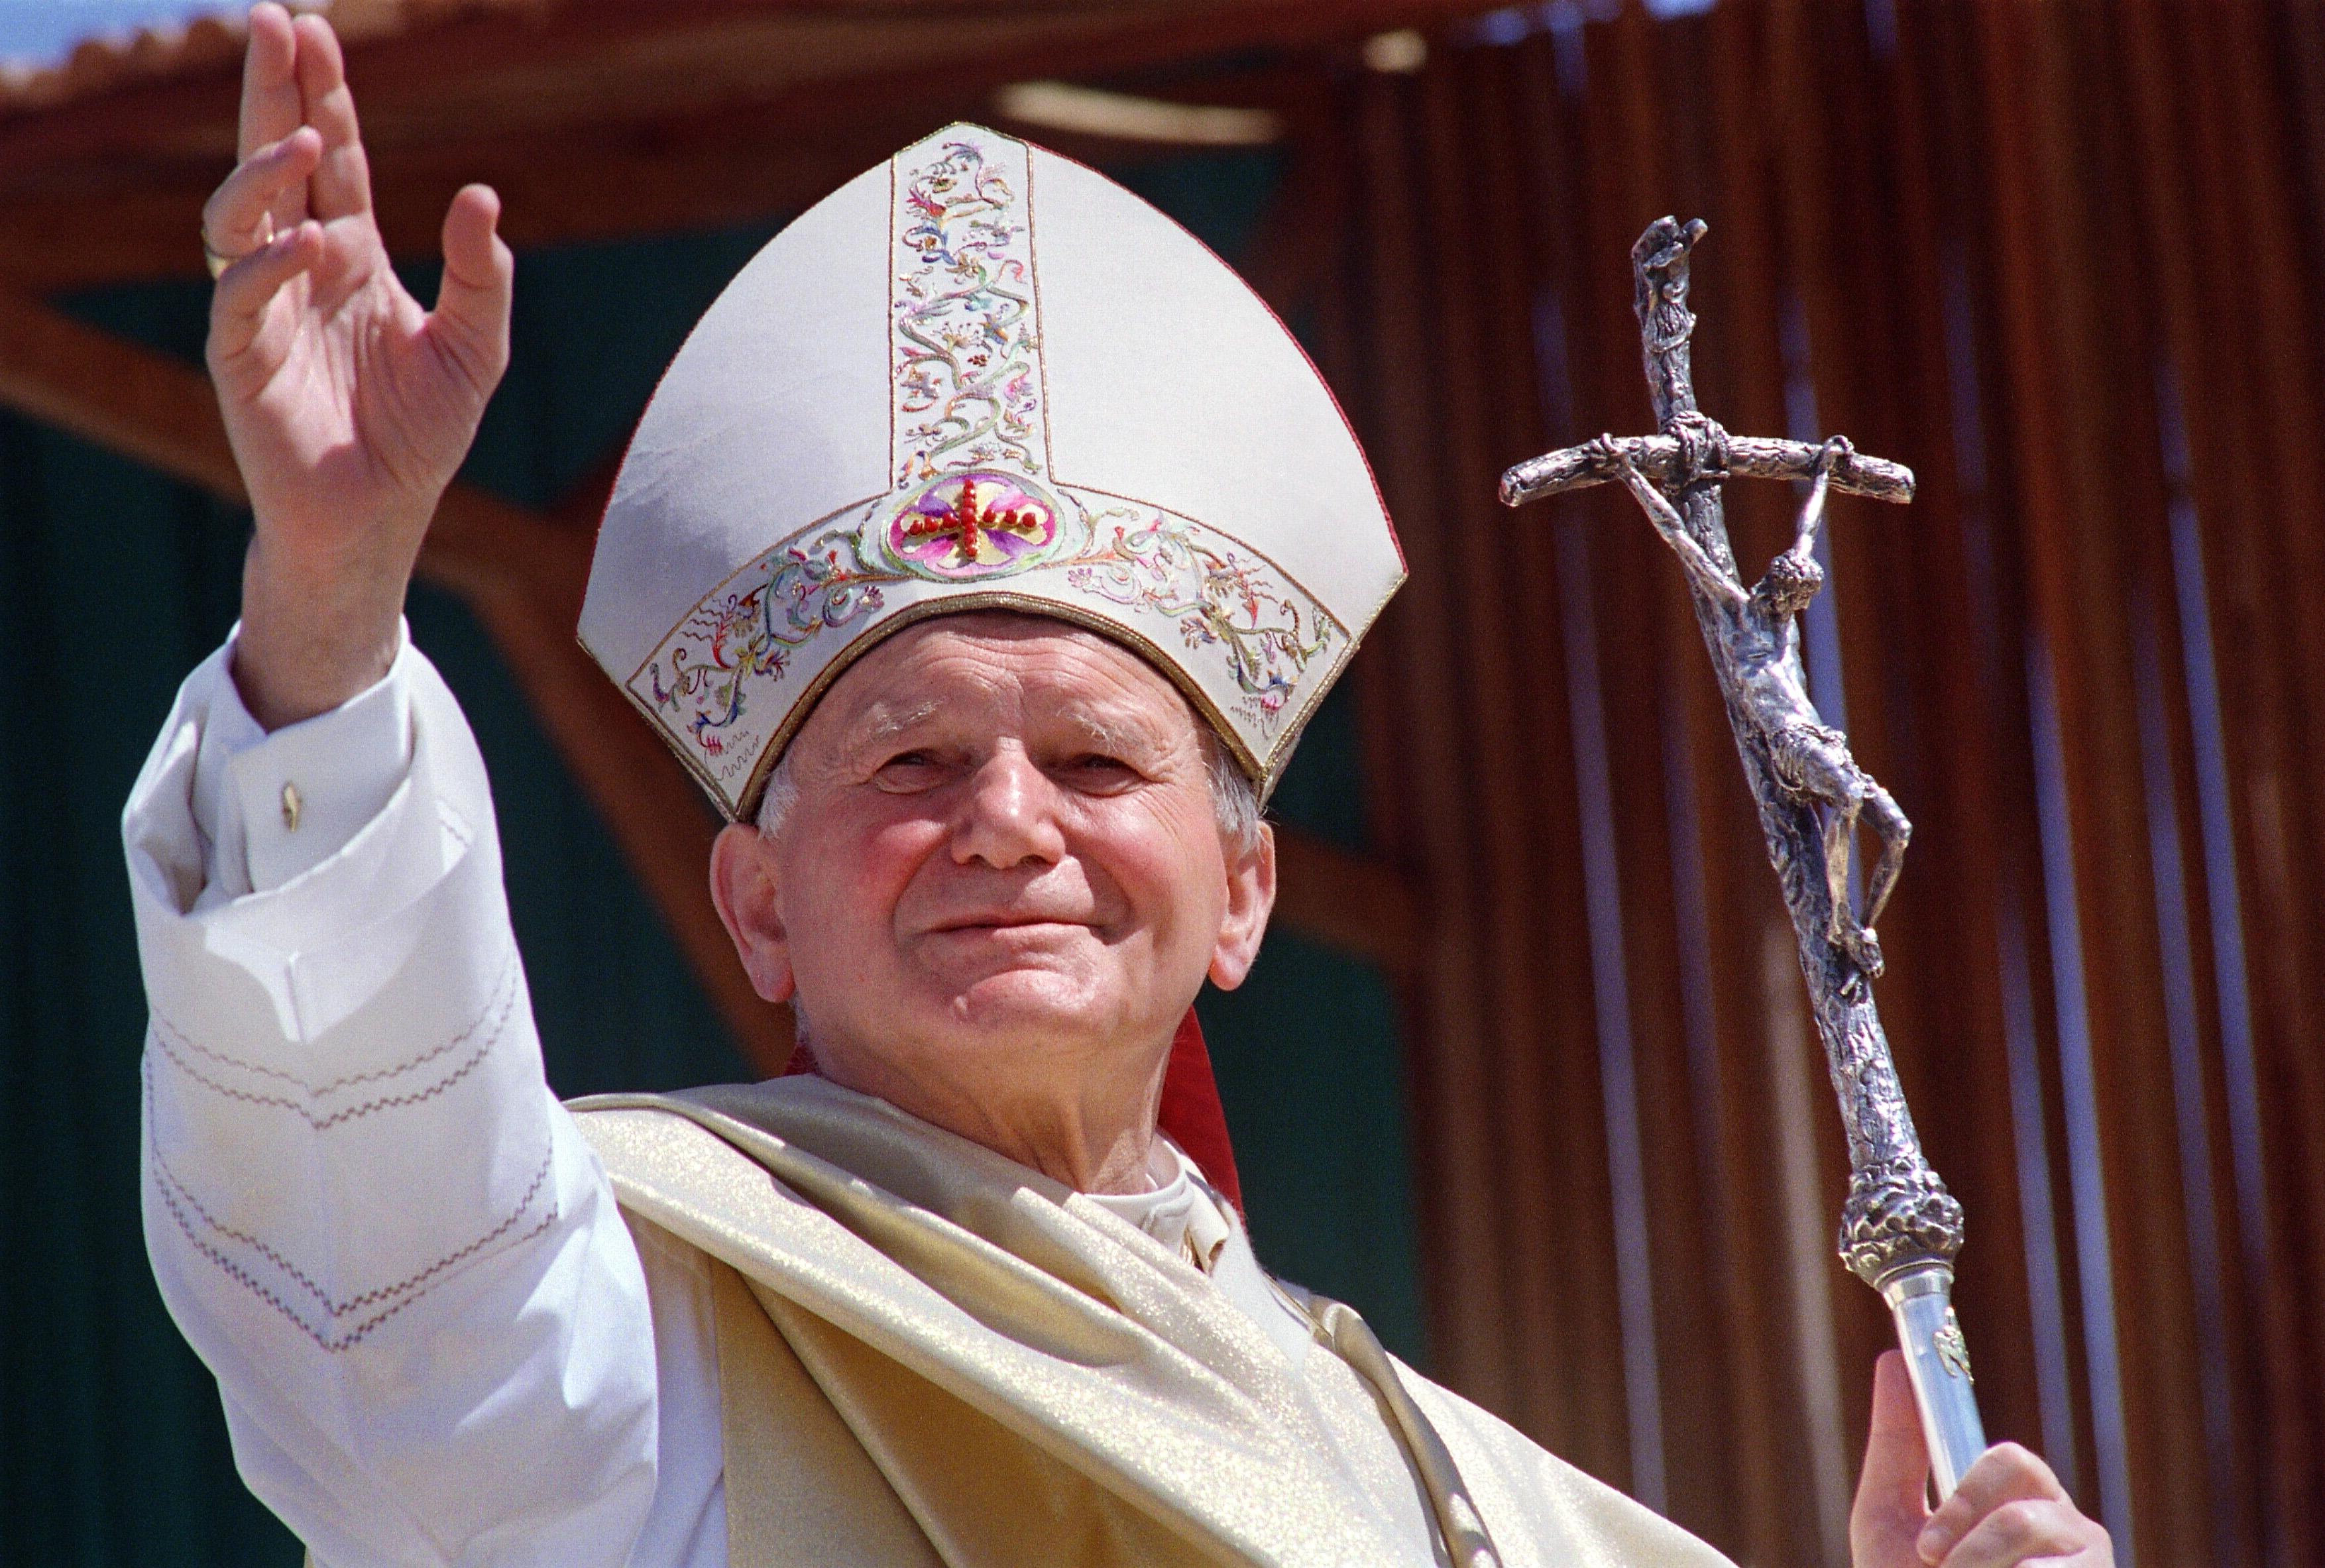 Papa Ioan Paul al II-lea a fost atât de impresionat de o poezie-rugăciune a lui Mihai Eminescu încât a recitat-o la Vatican. Învaț-o și spune-o în fiecare seară!